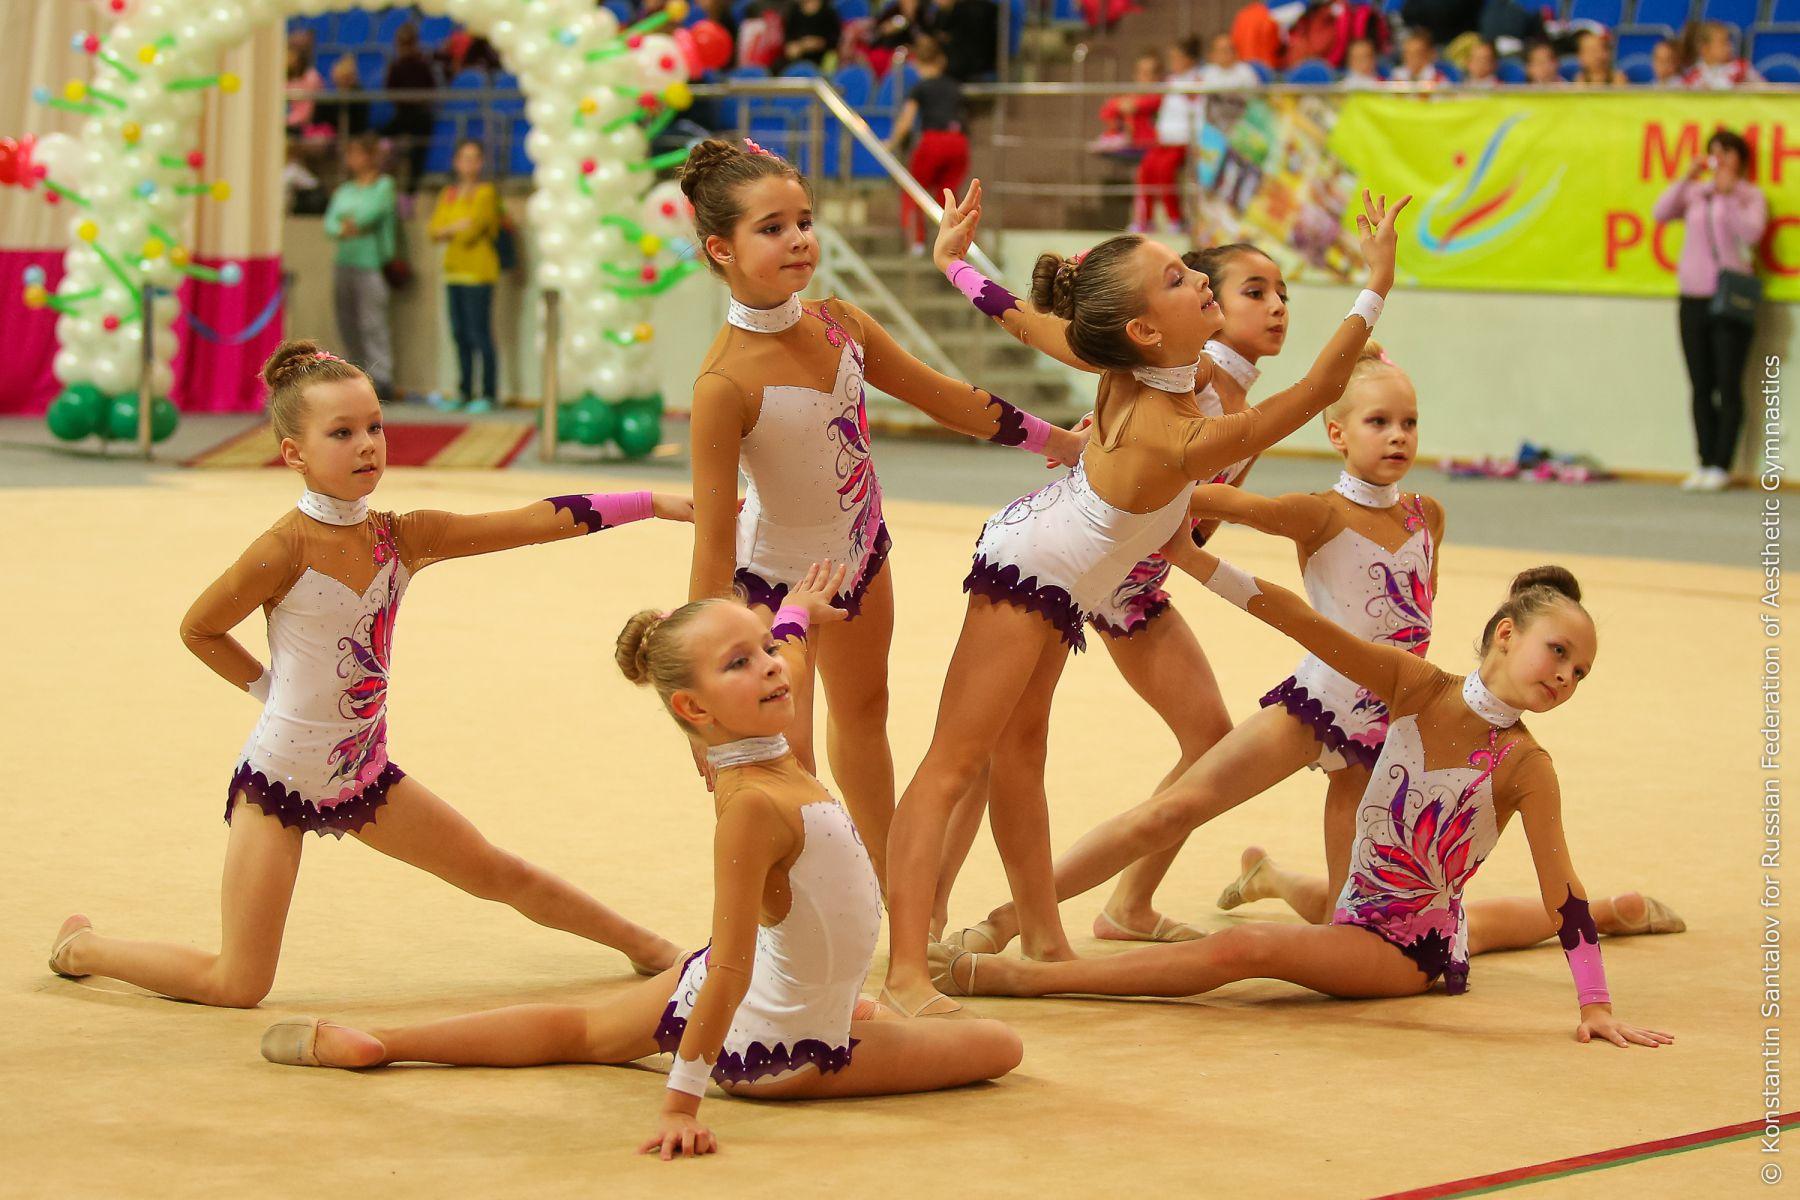 групповая гимнастика фото матери здравствуйте